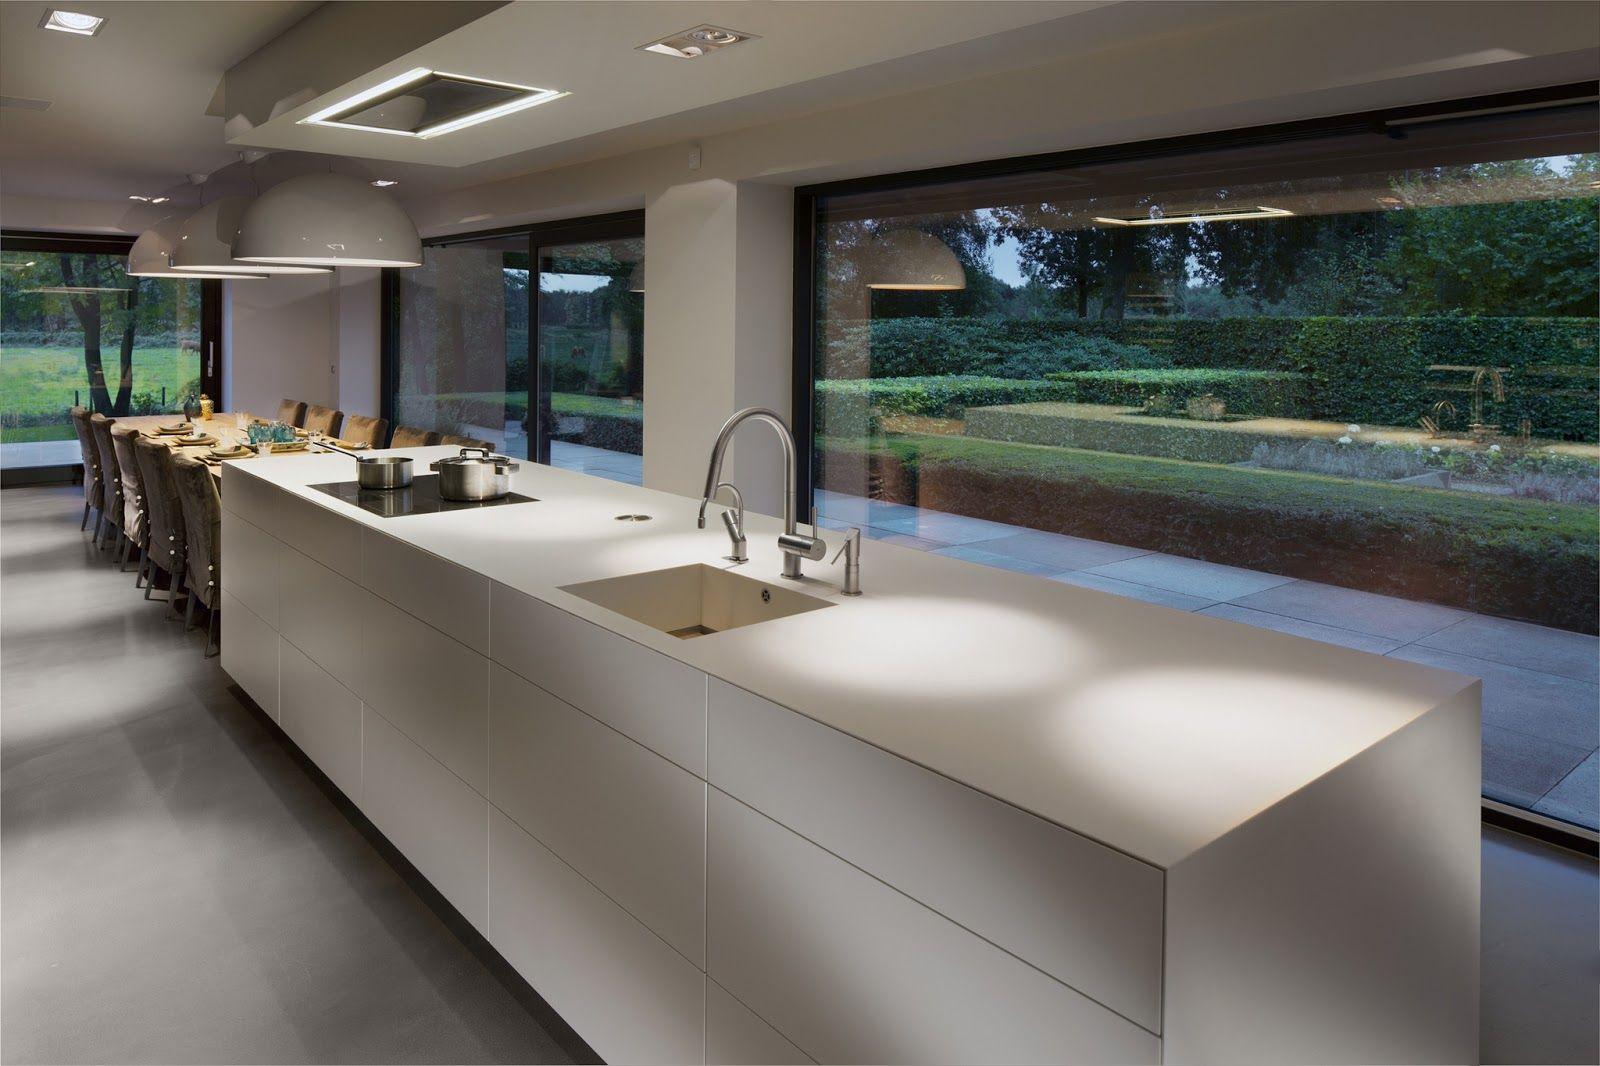 Cuisine design blanche et bois avec lot voici une cuisine for Cuisine moderne avec ilot centrale